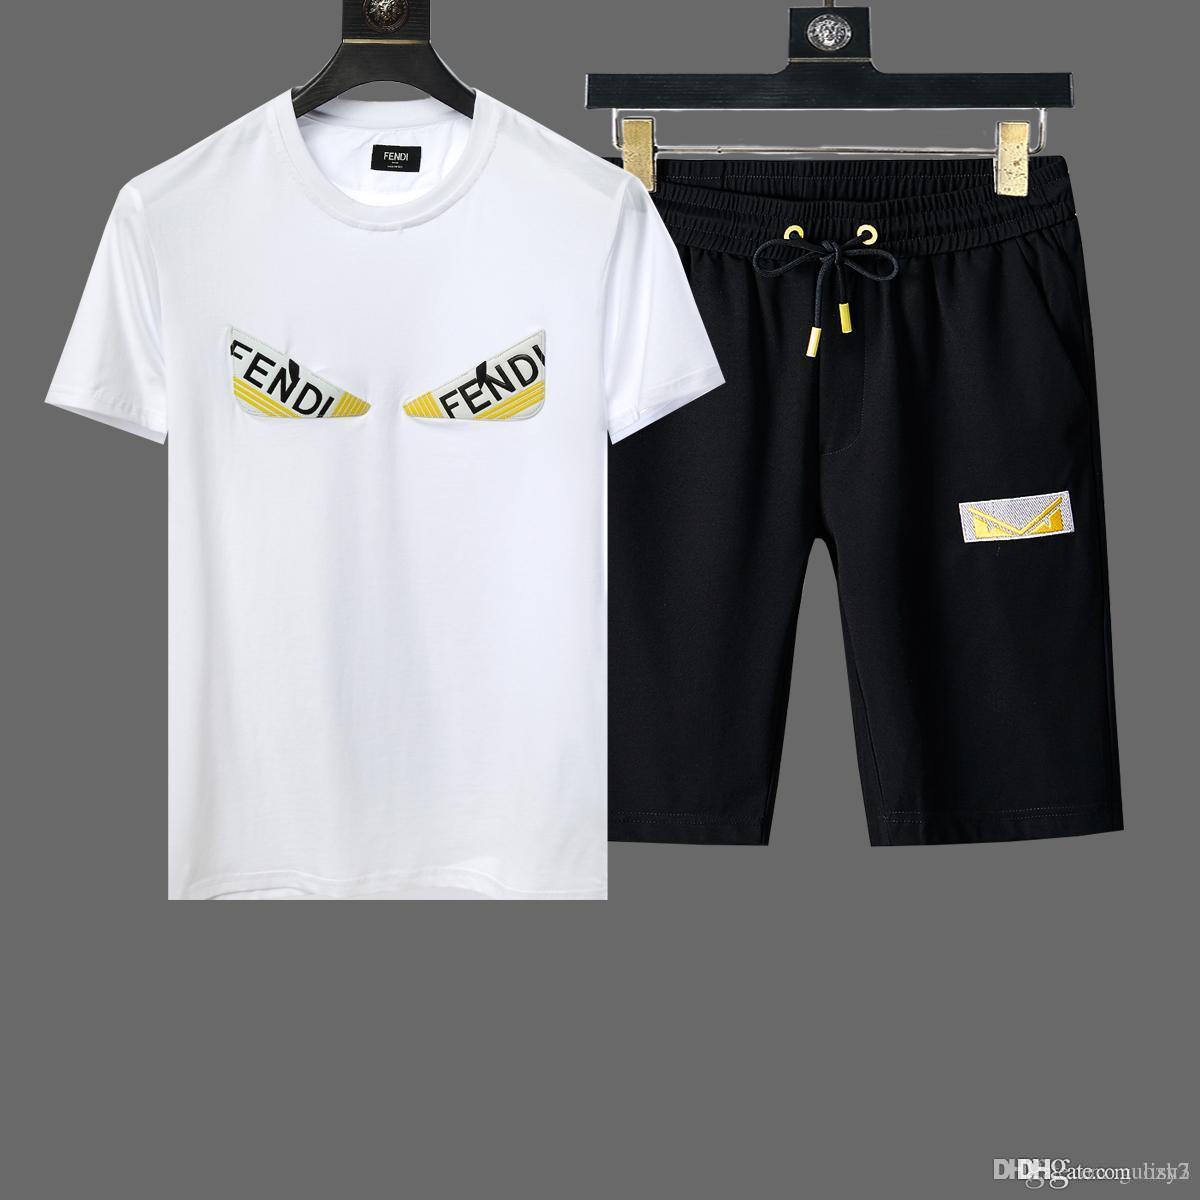 Printemps Designer de luxe bébé t-shirt pantalon deux pièces 3-7 ans costume enfants marque enfants 2pcs coton ensembles de vêtements